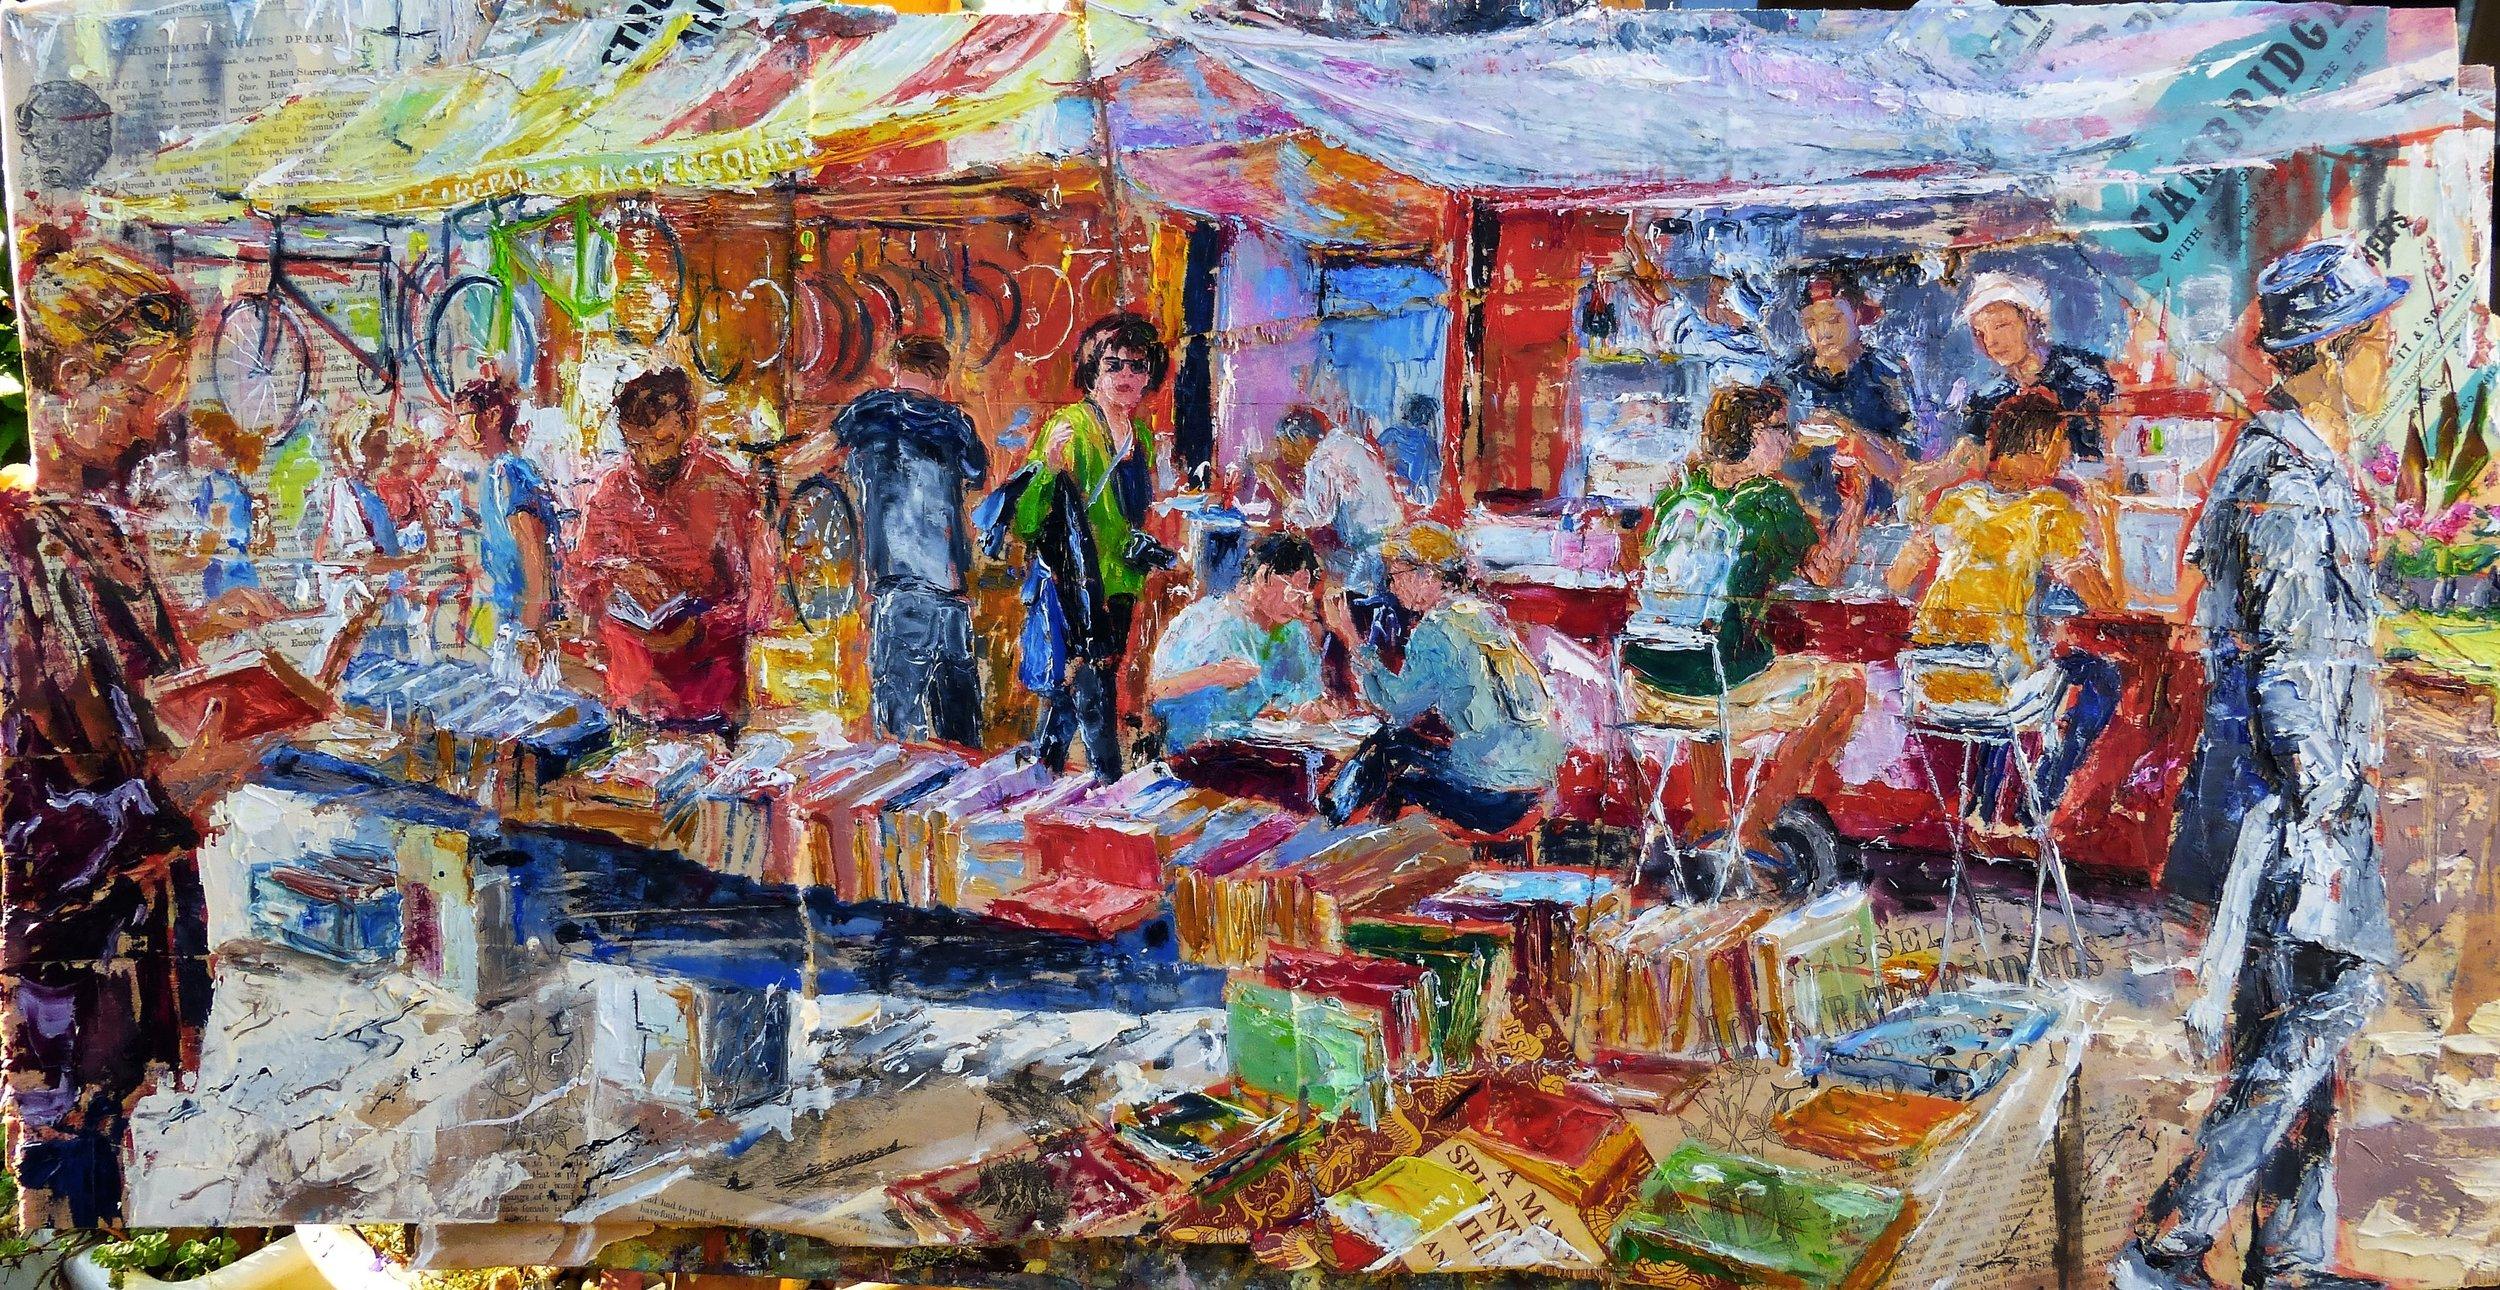 Bikes, books and noodles, Cambridge Market